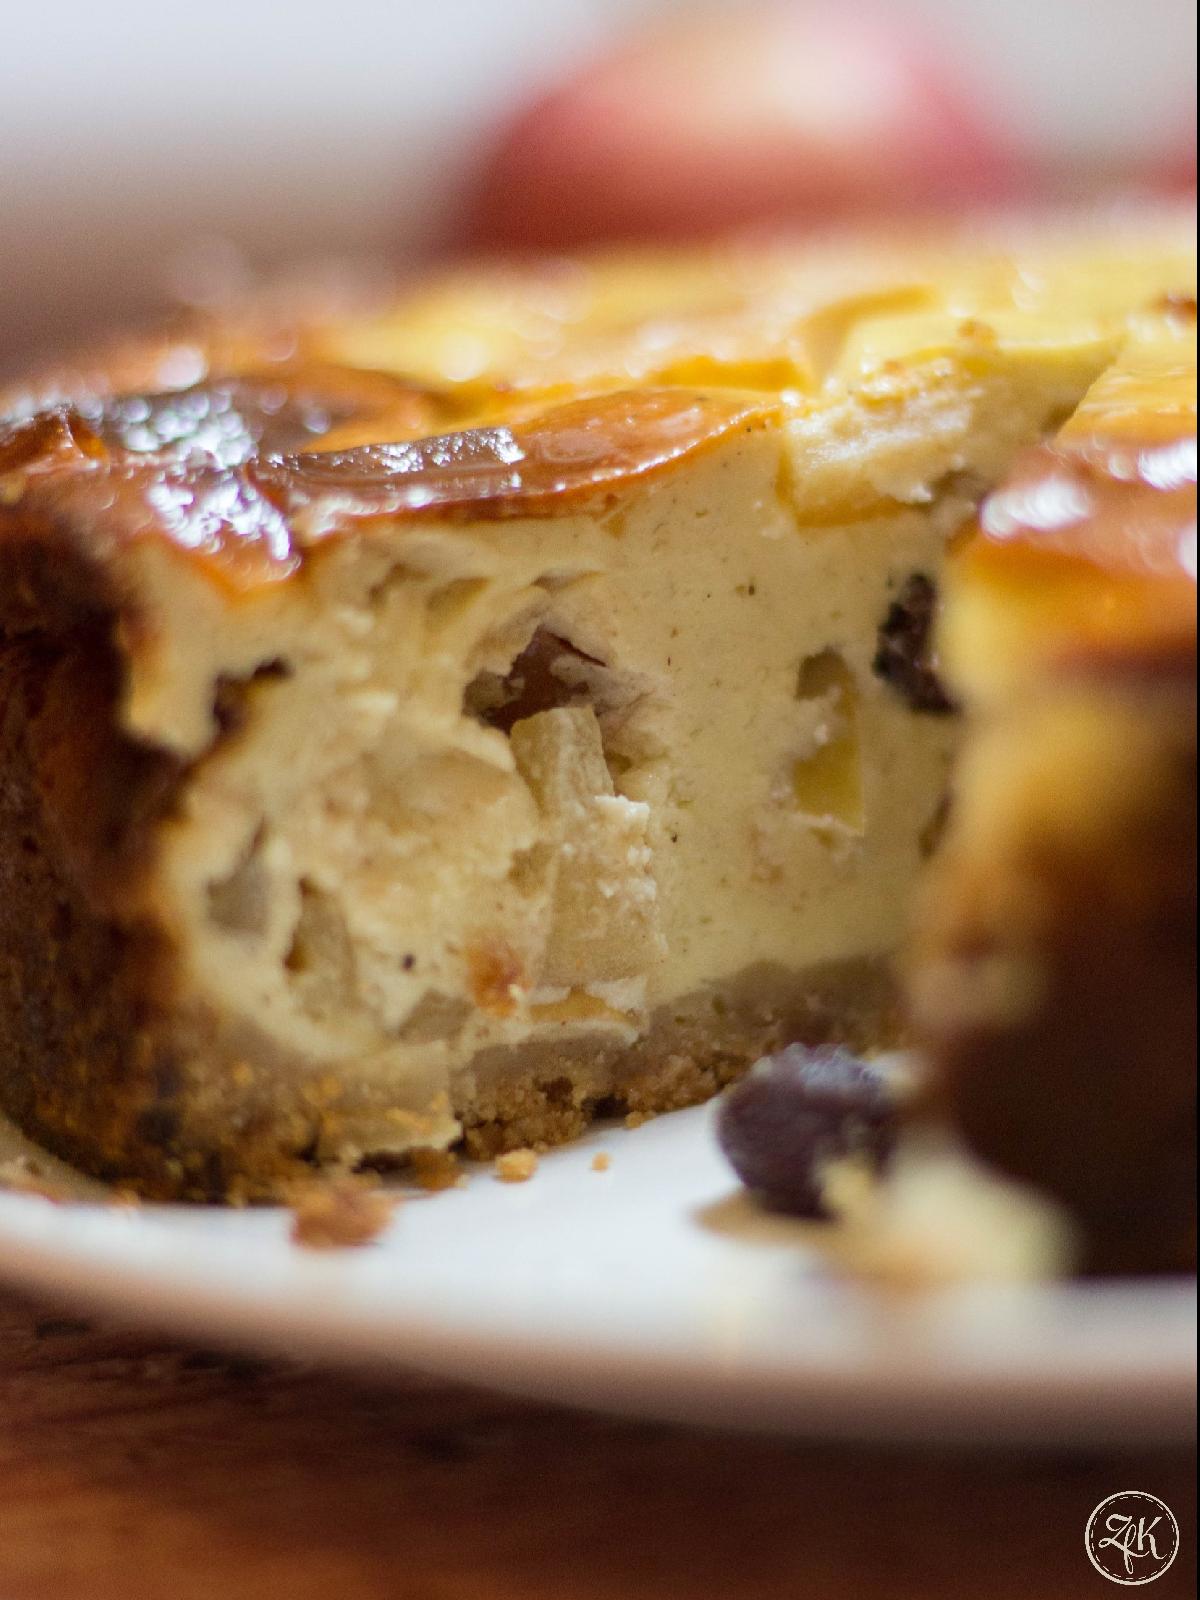 Das Herz des Apfel-Käse-Kuchens